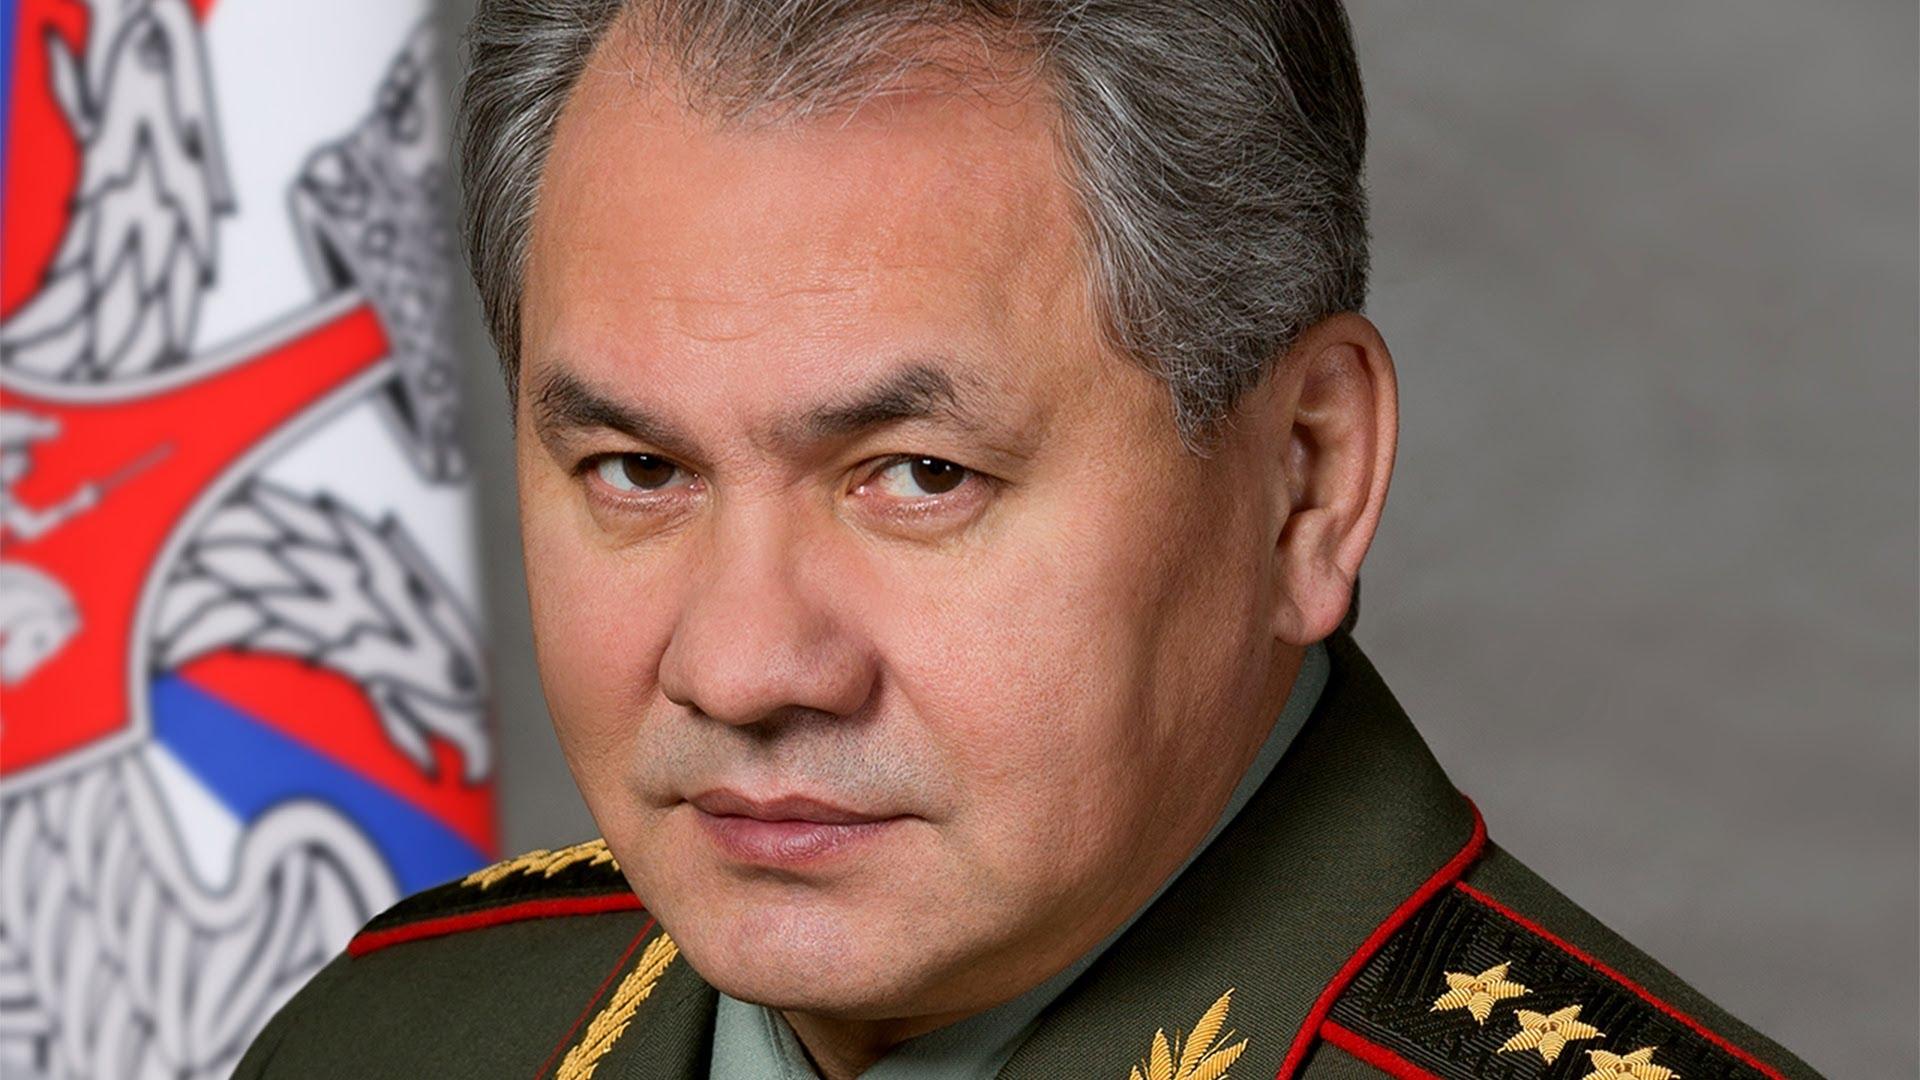 Шойгу Сергей Кужугетович Министр обороны Российской Федерации, генерал армии